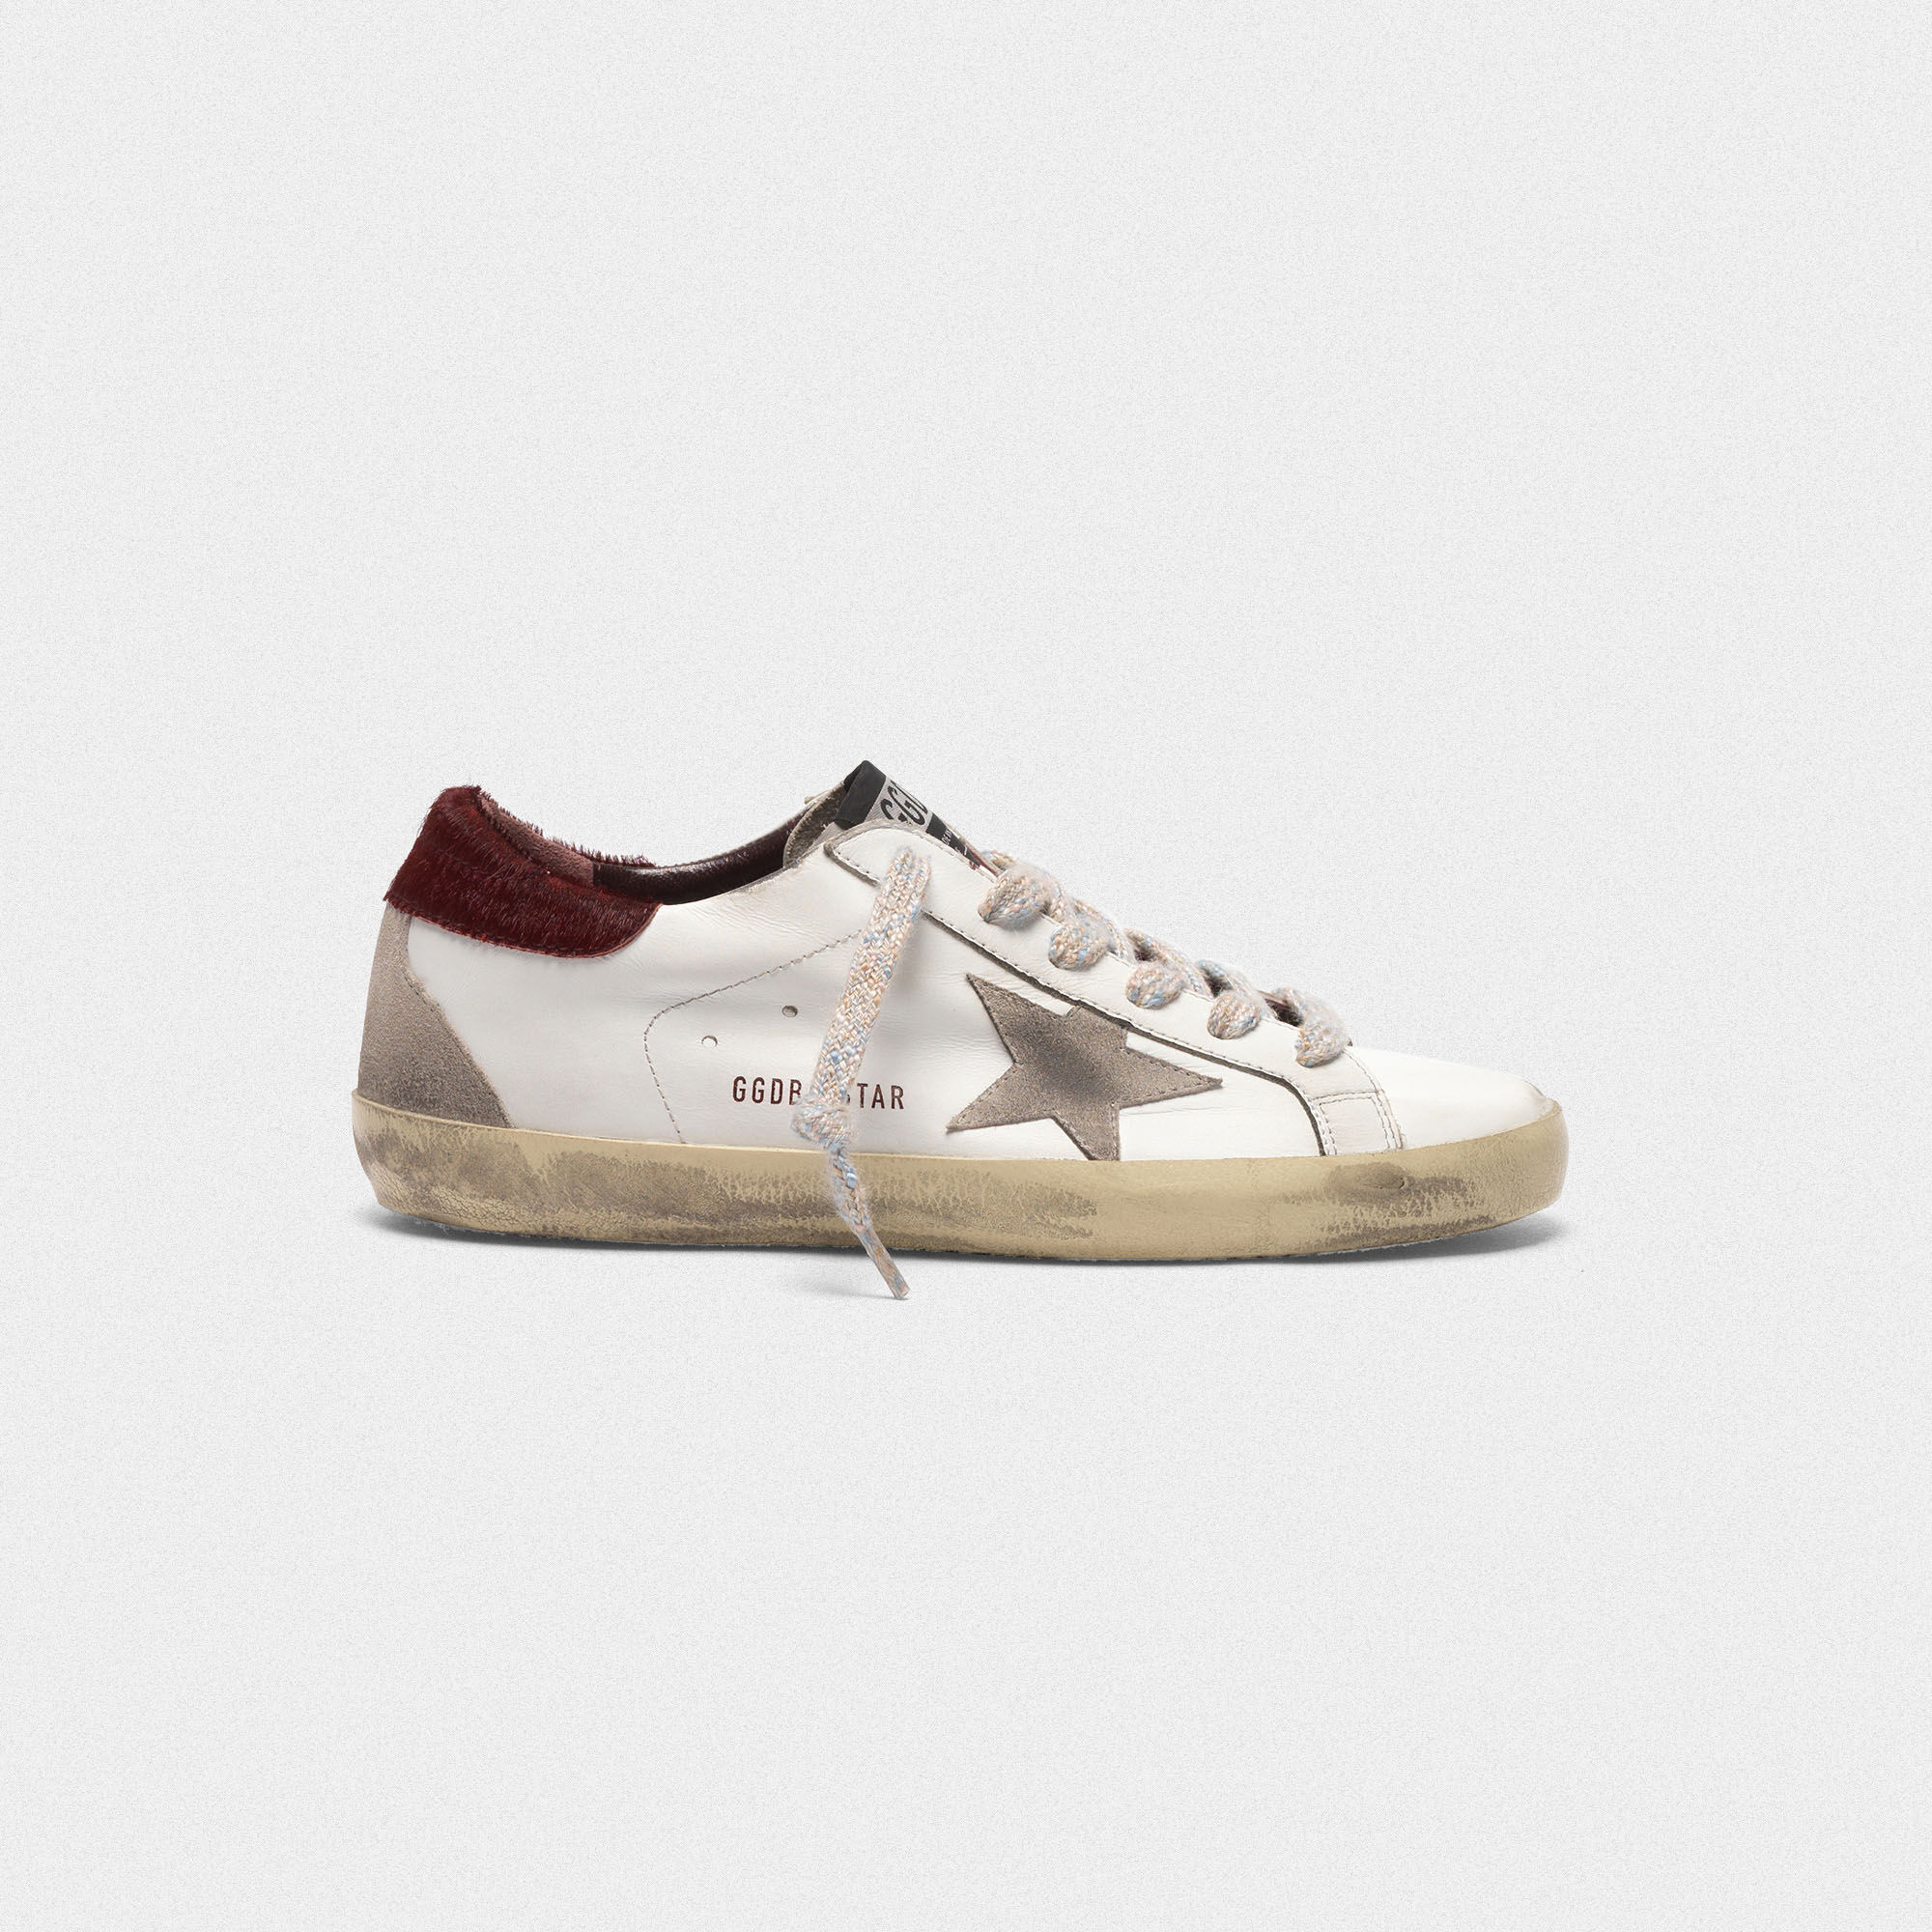 Goose Deluxe Femme SuperstarGolden Brand Sneakers XZiPkTOu